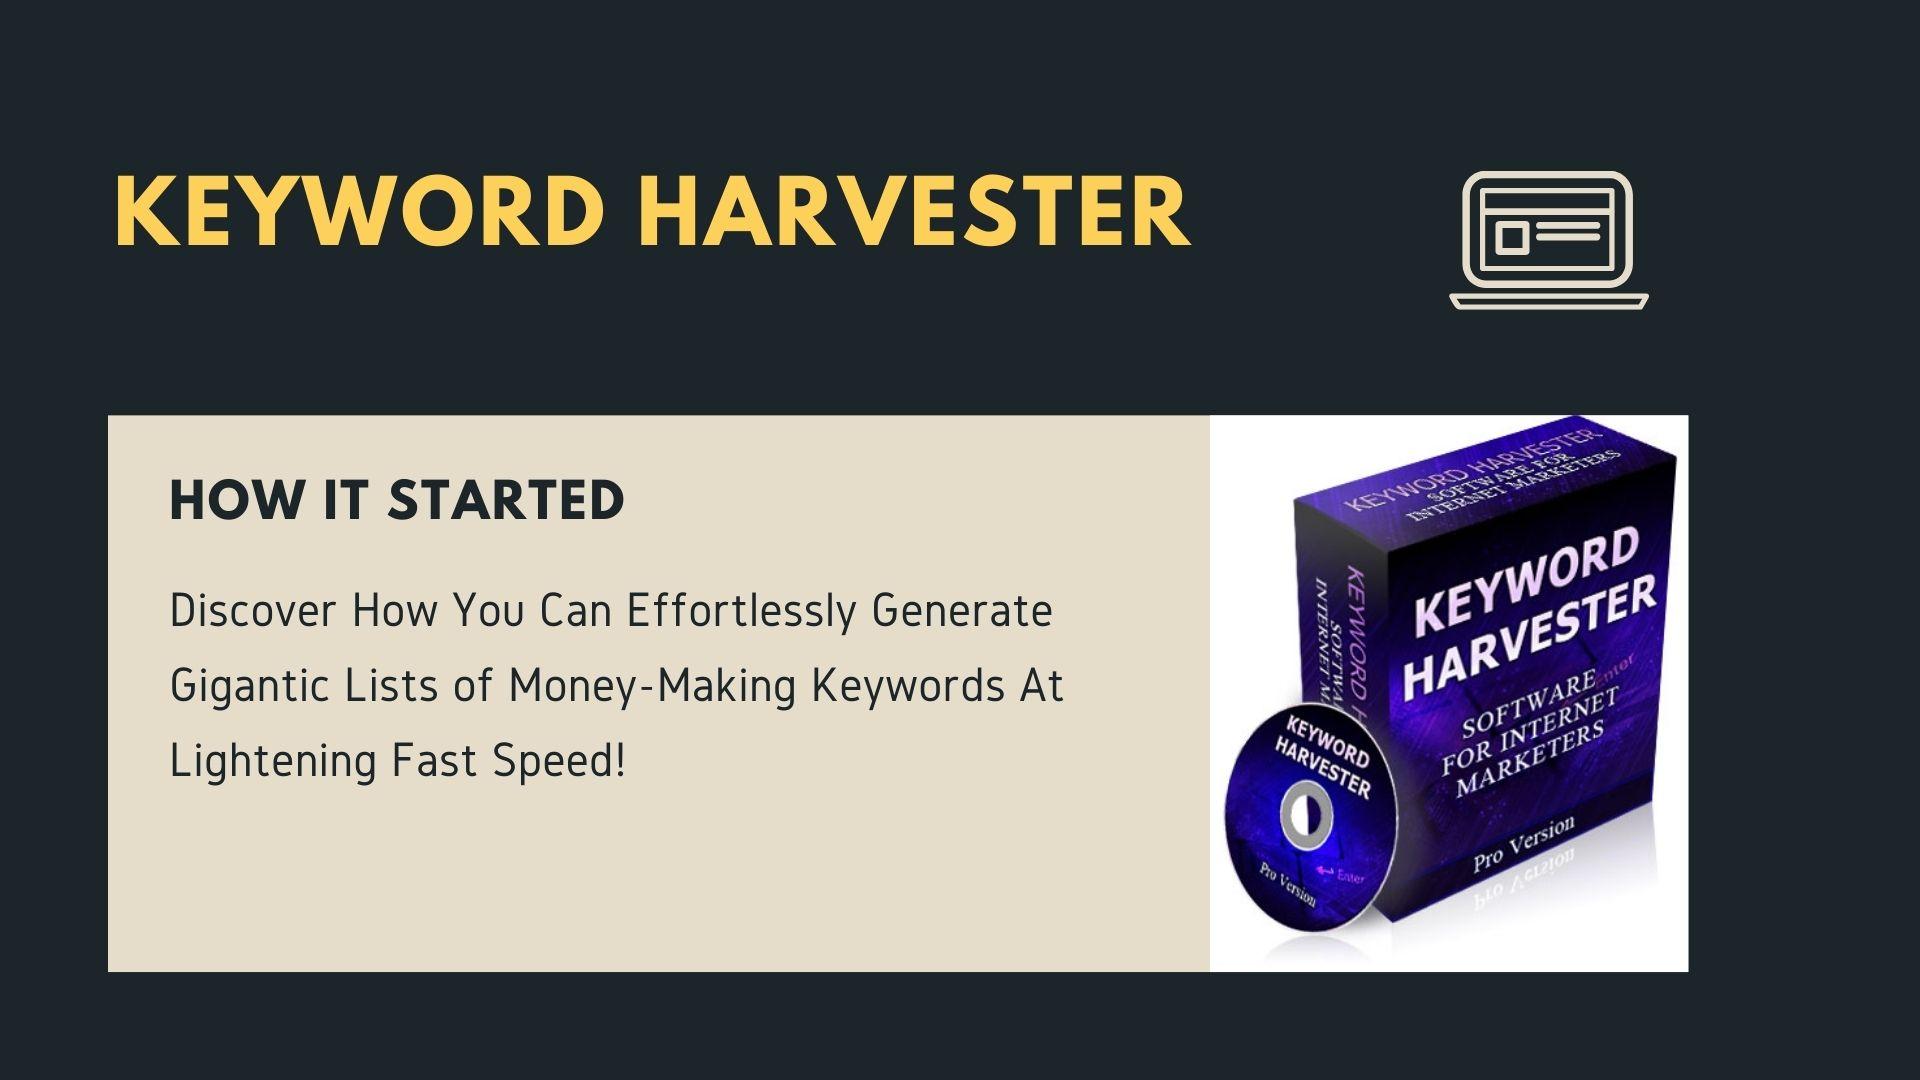 Keyword Harvester Software for Internet Marketers